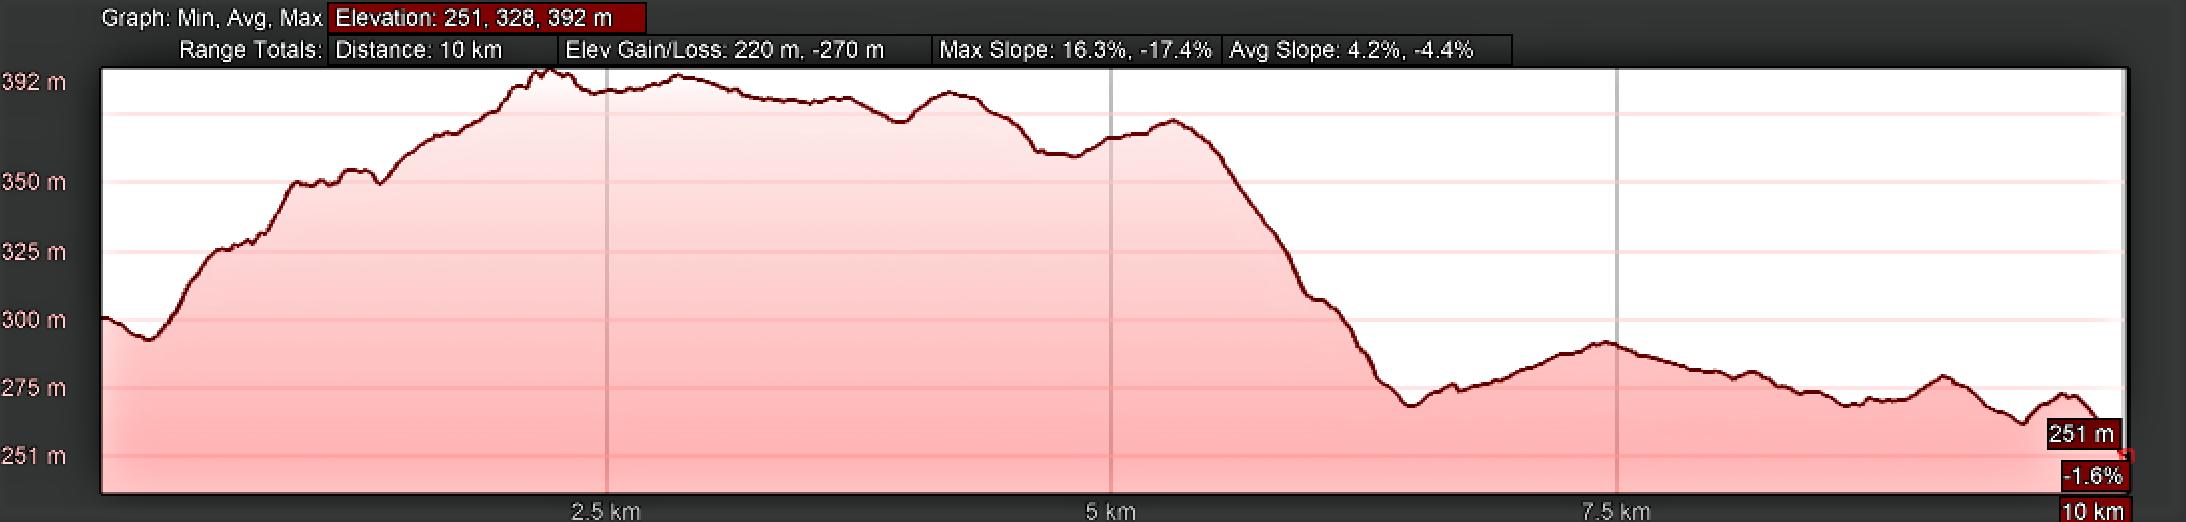 Elevation Profile, Lavacolla to Santiago de Compostela